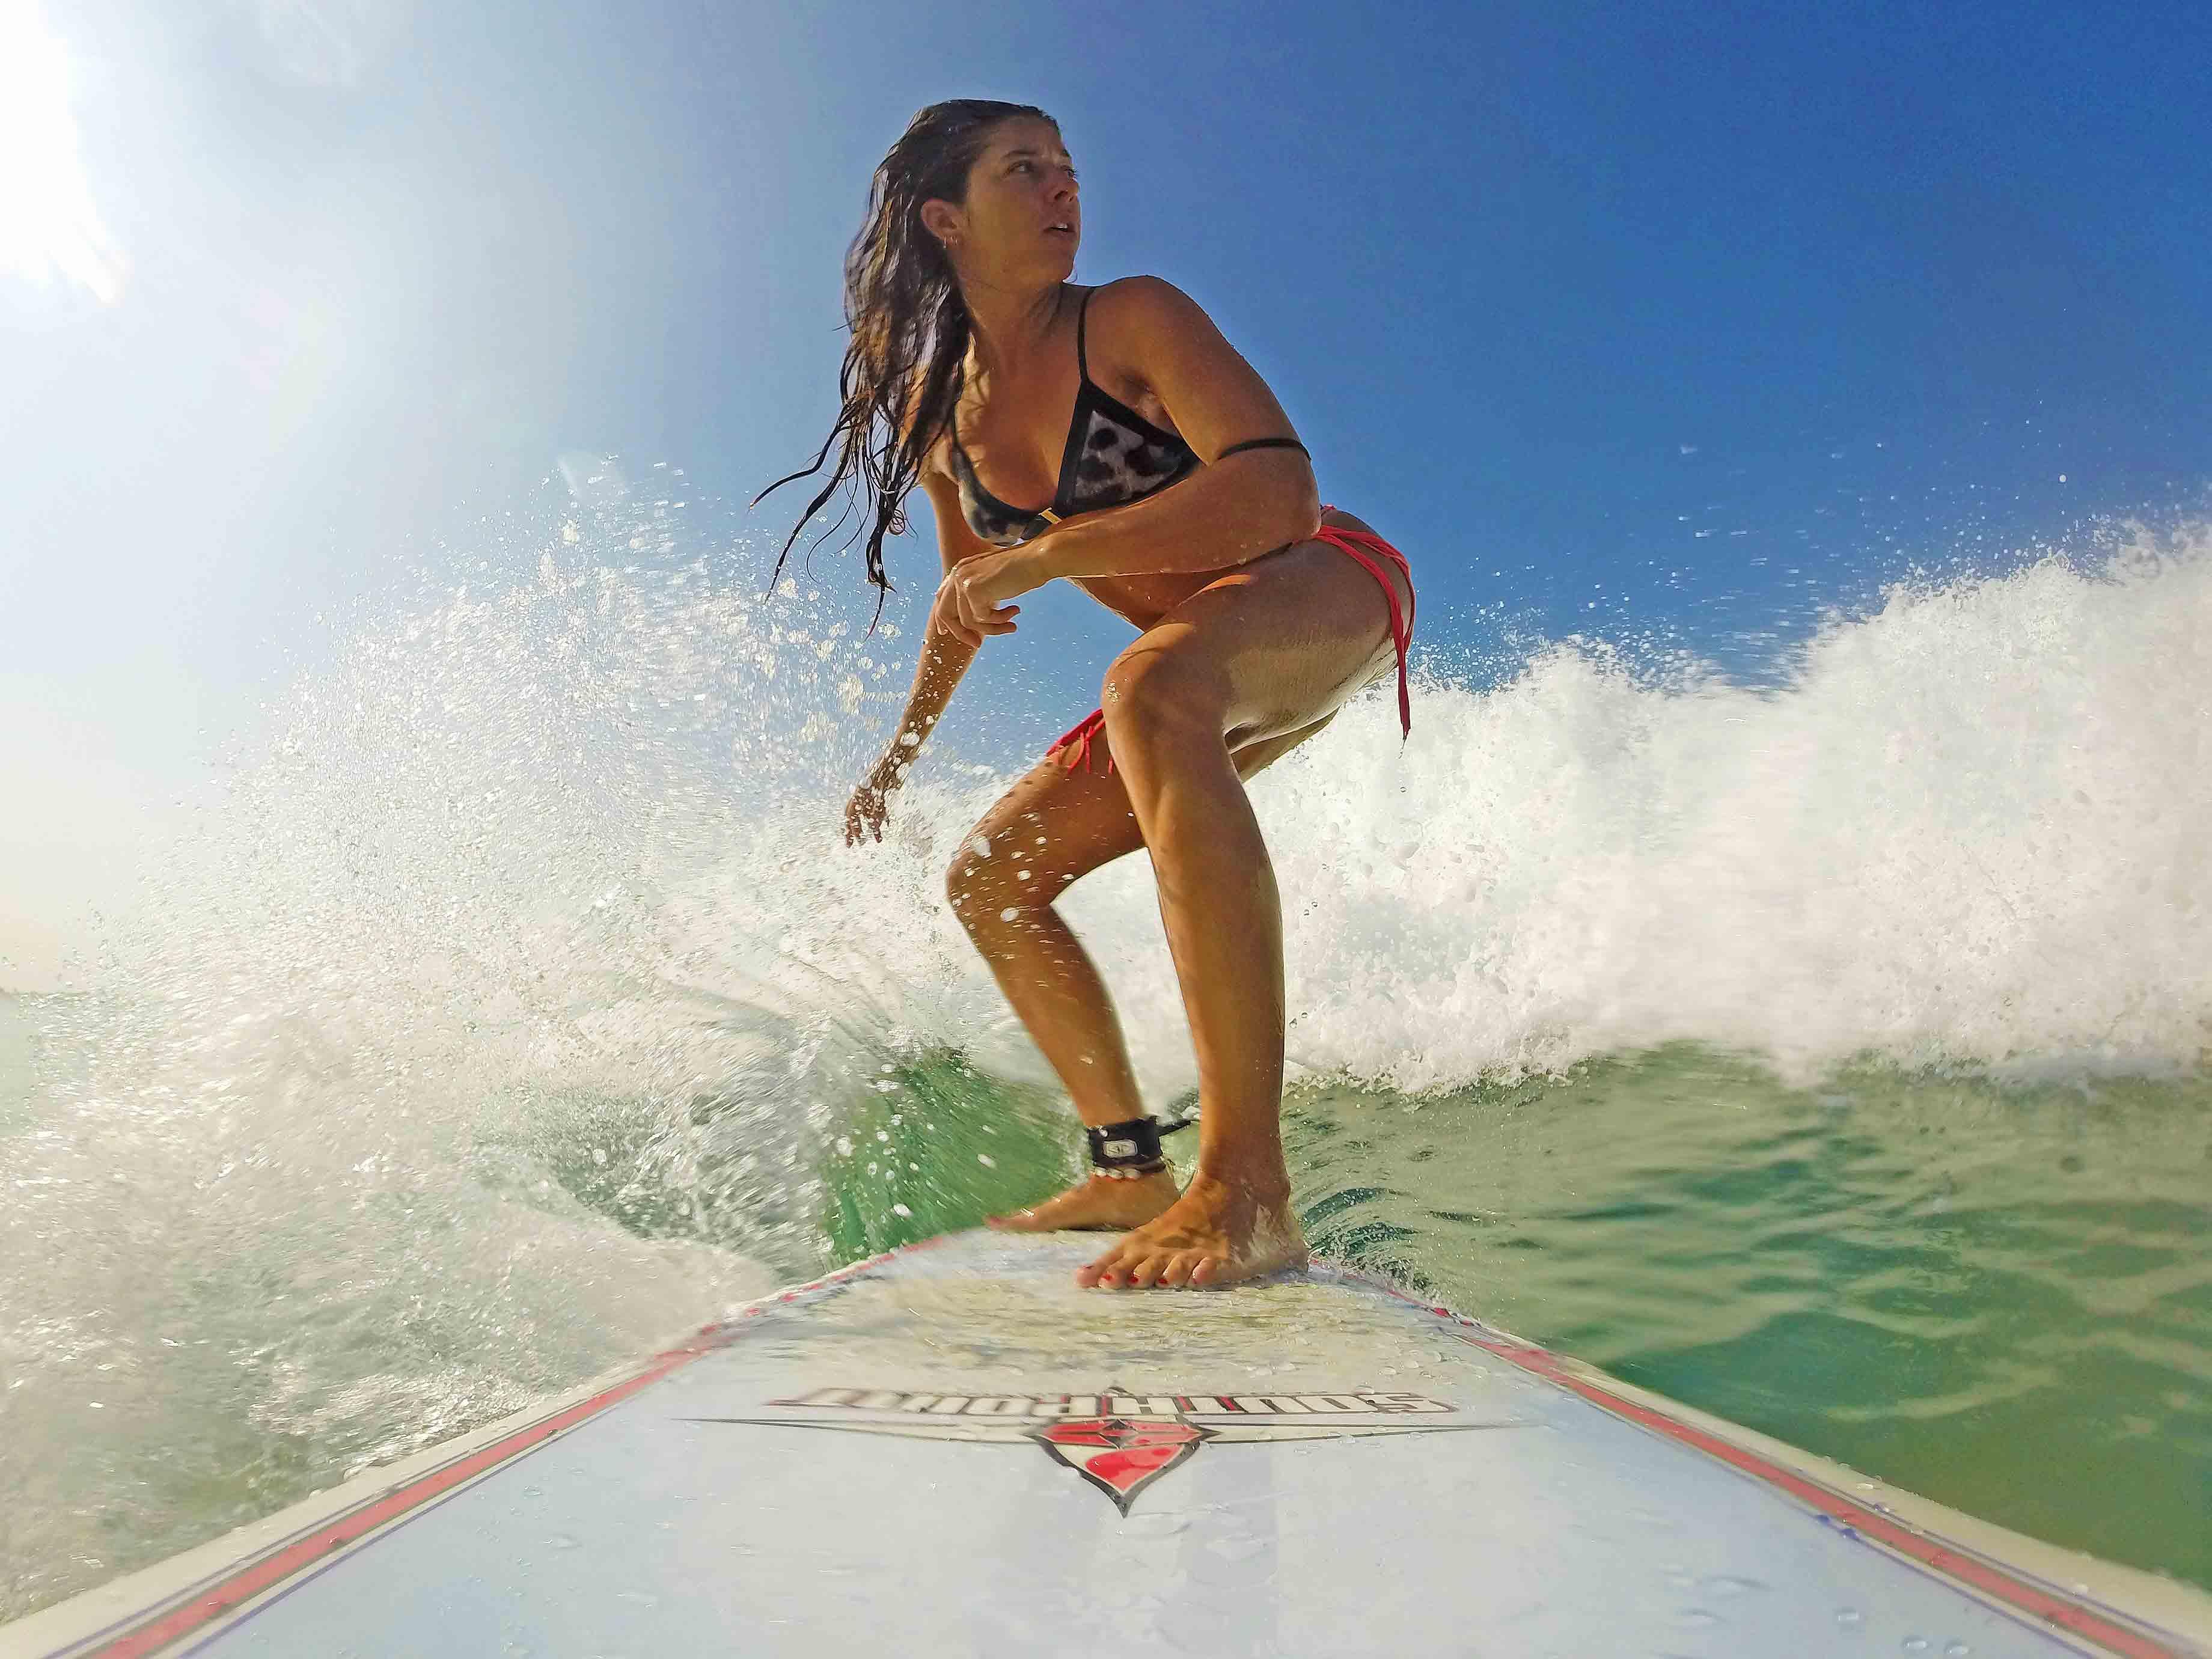 surfing ahangama surf camp poe waves sri lanka